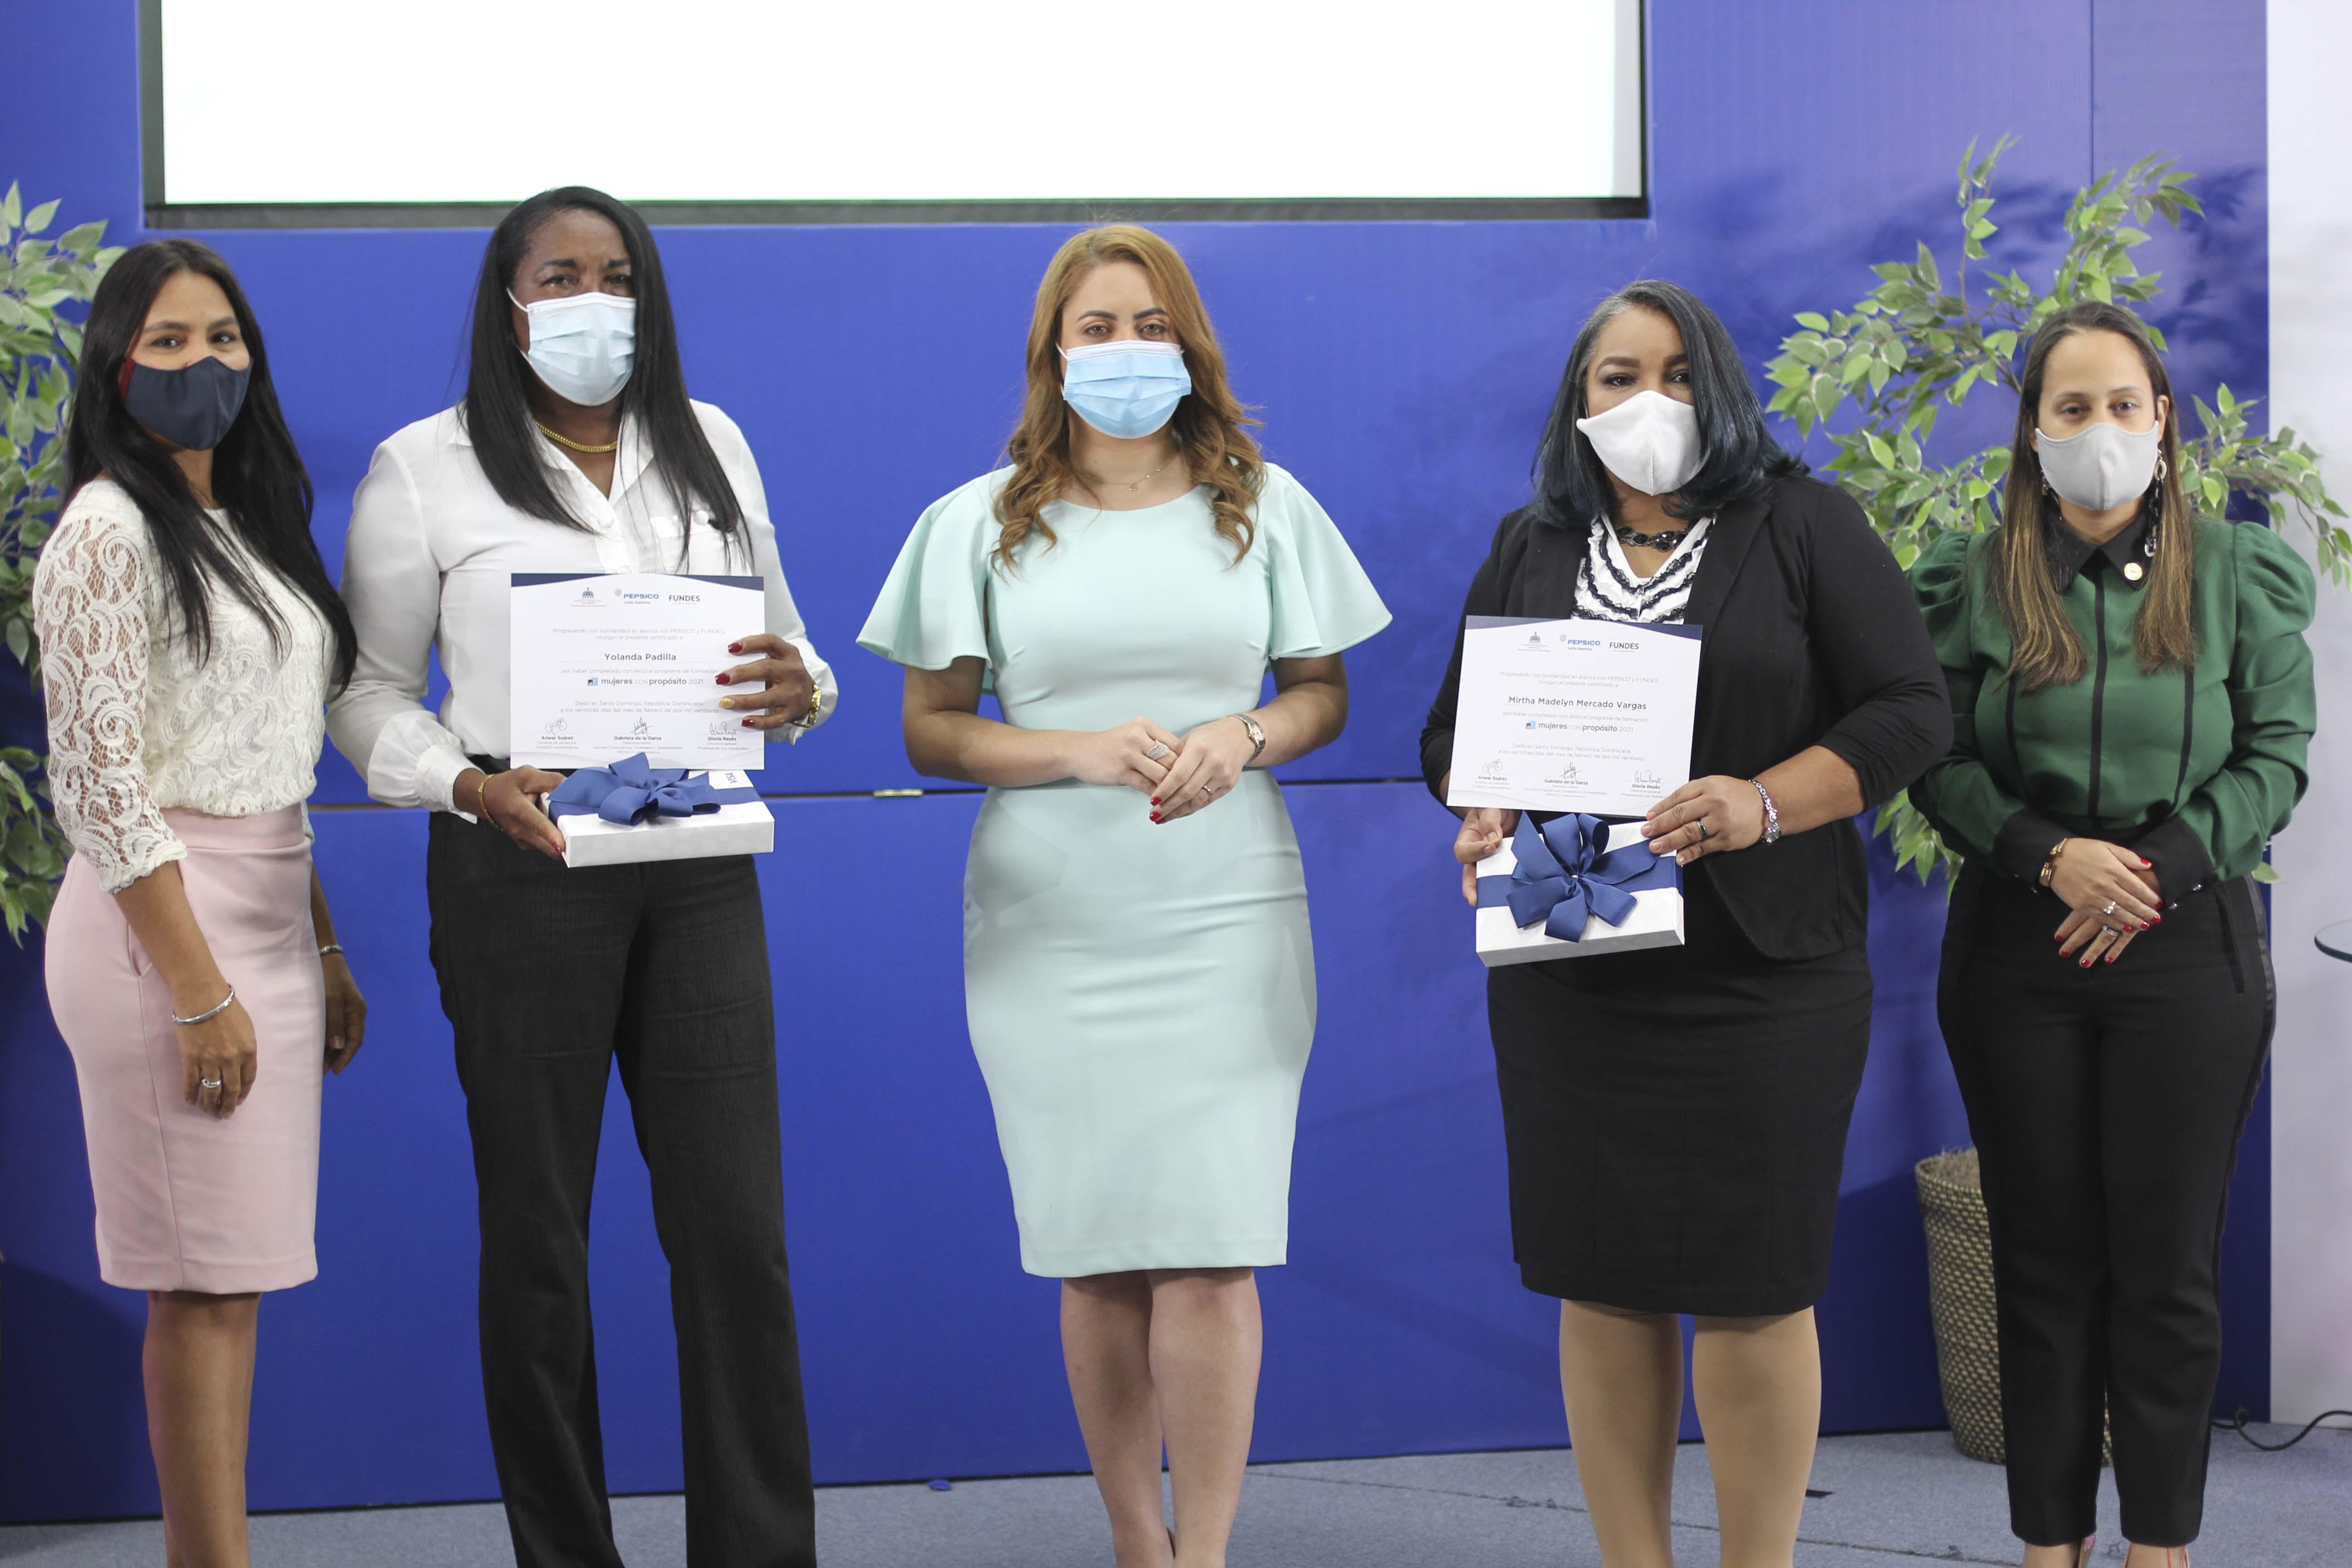 Yolanda Padilla y Mirtha Madelyn Mercado reciben sus certificado de graduación, fueron las más destacadas durante el proceso de formación. JPG